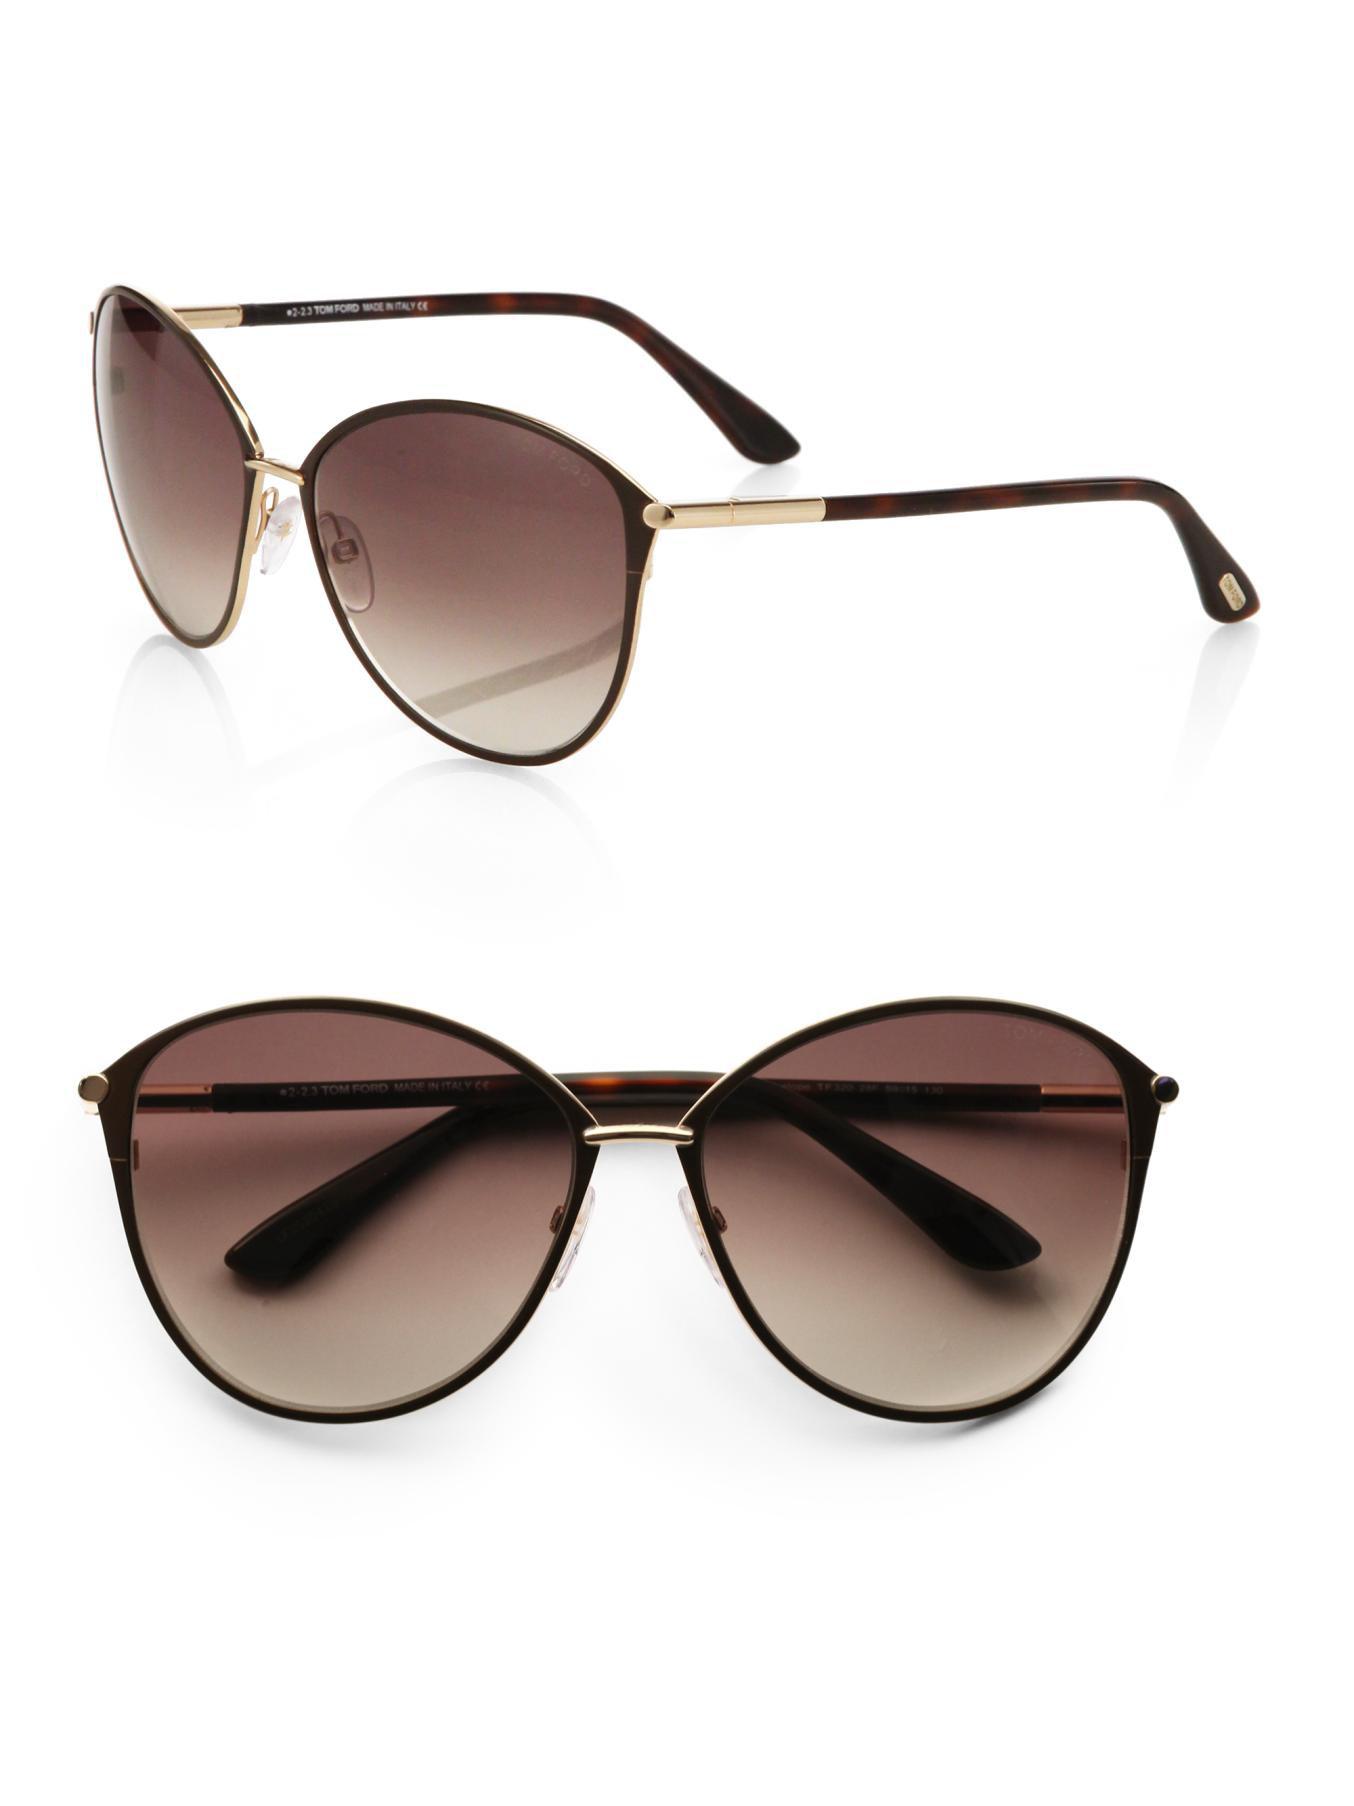 Oversized Cat Eye Glasses Tom Ford